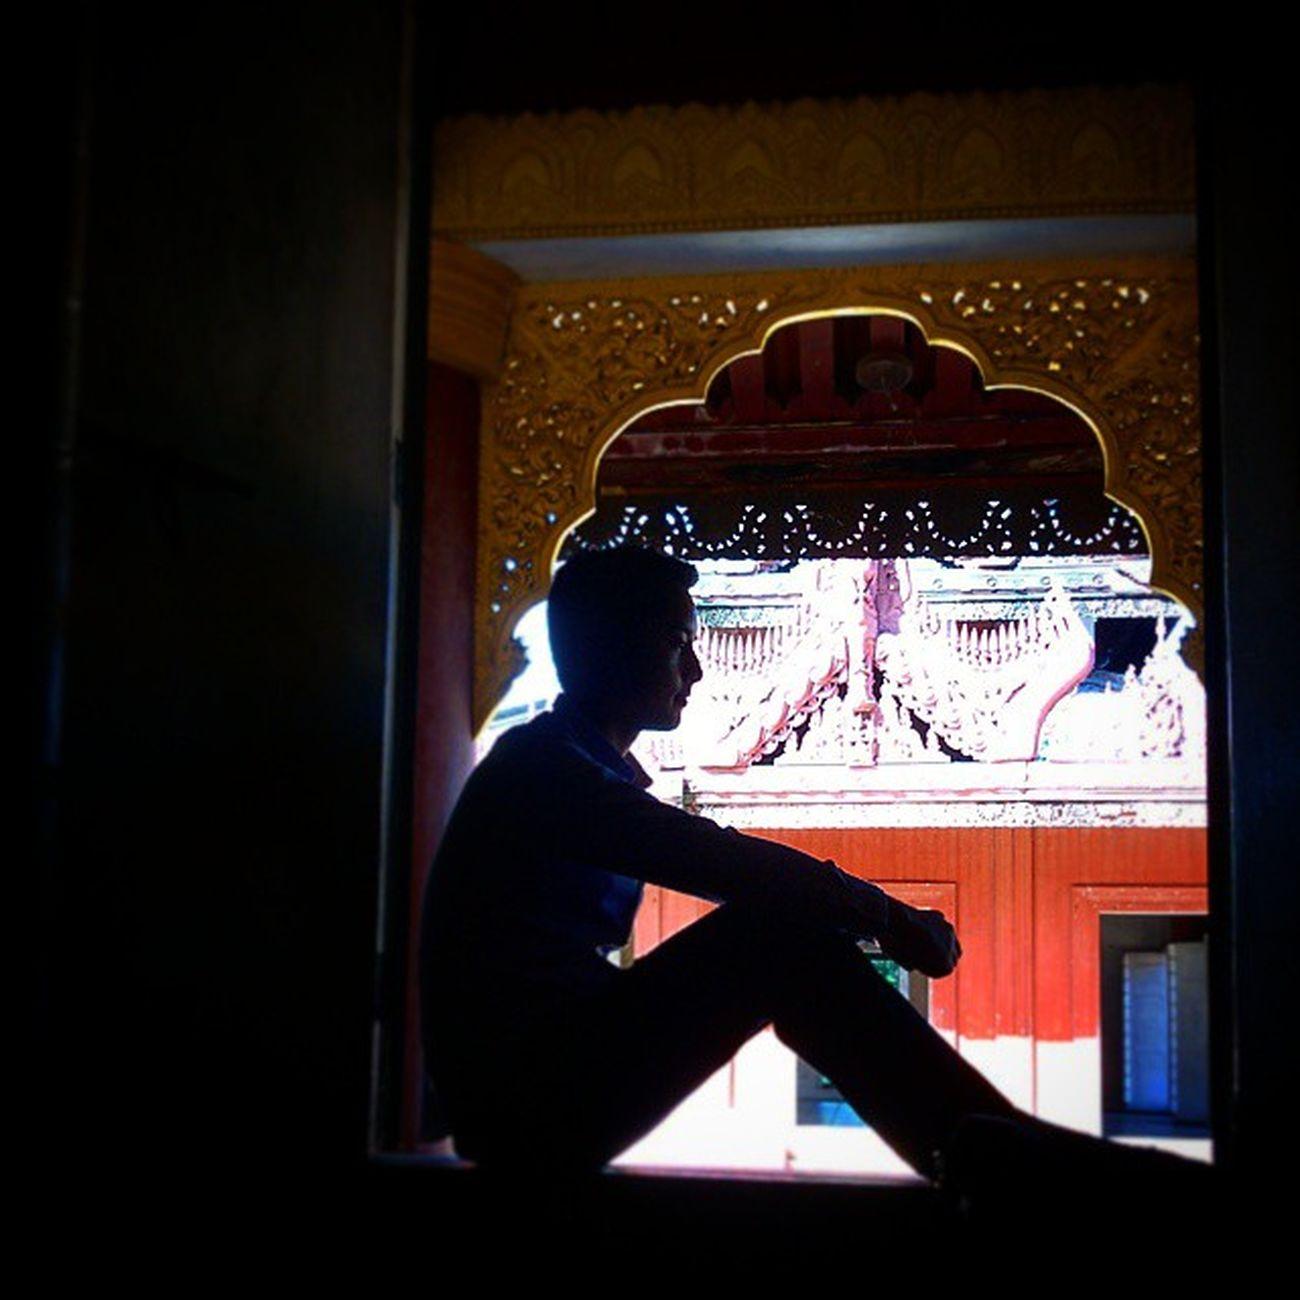 ဗားဂရာ BARGAYA MONASTERY Monastery Mandalay Myanmar Burma Ingersmandalay Ingersmandalay Igersmyanmar Igersmandalay Vscocam Vscomyanmar Bargayarmonastery Amarapura